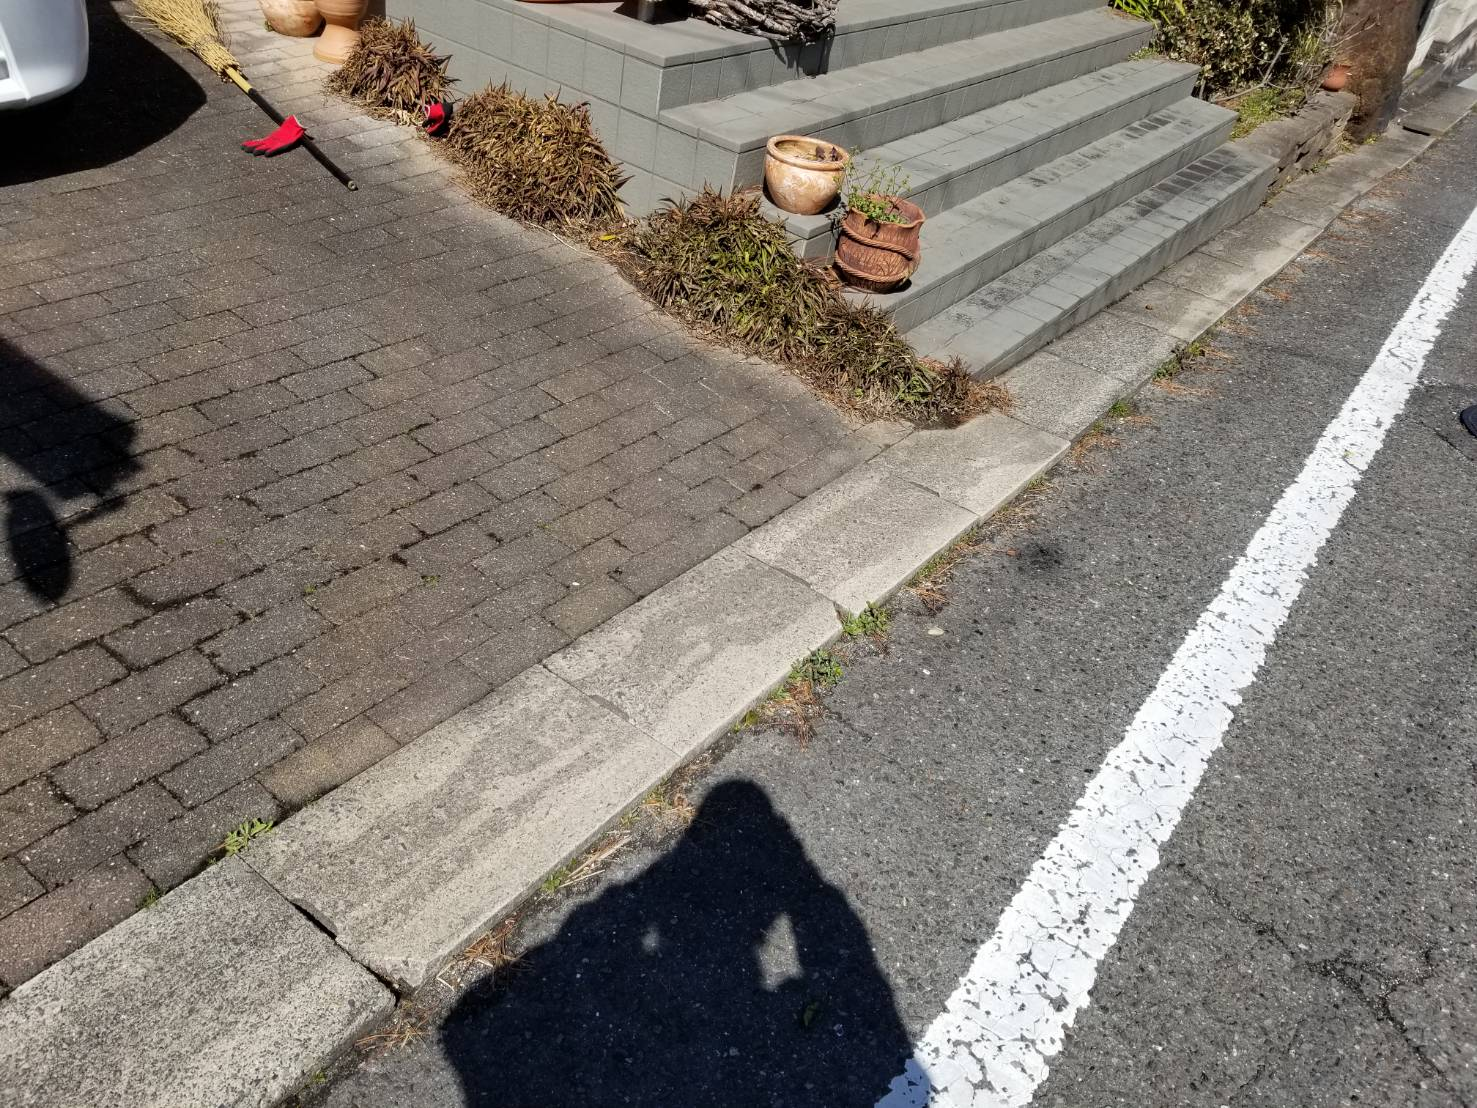 知多市 空き家管理 落葉清掃 (2)